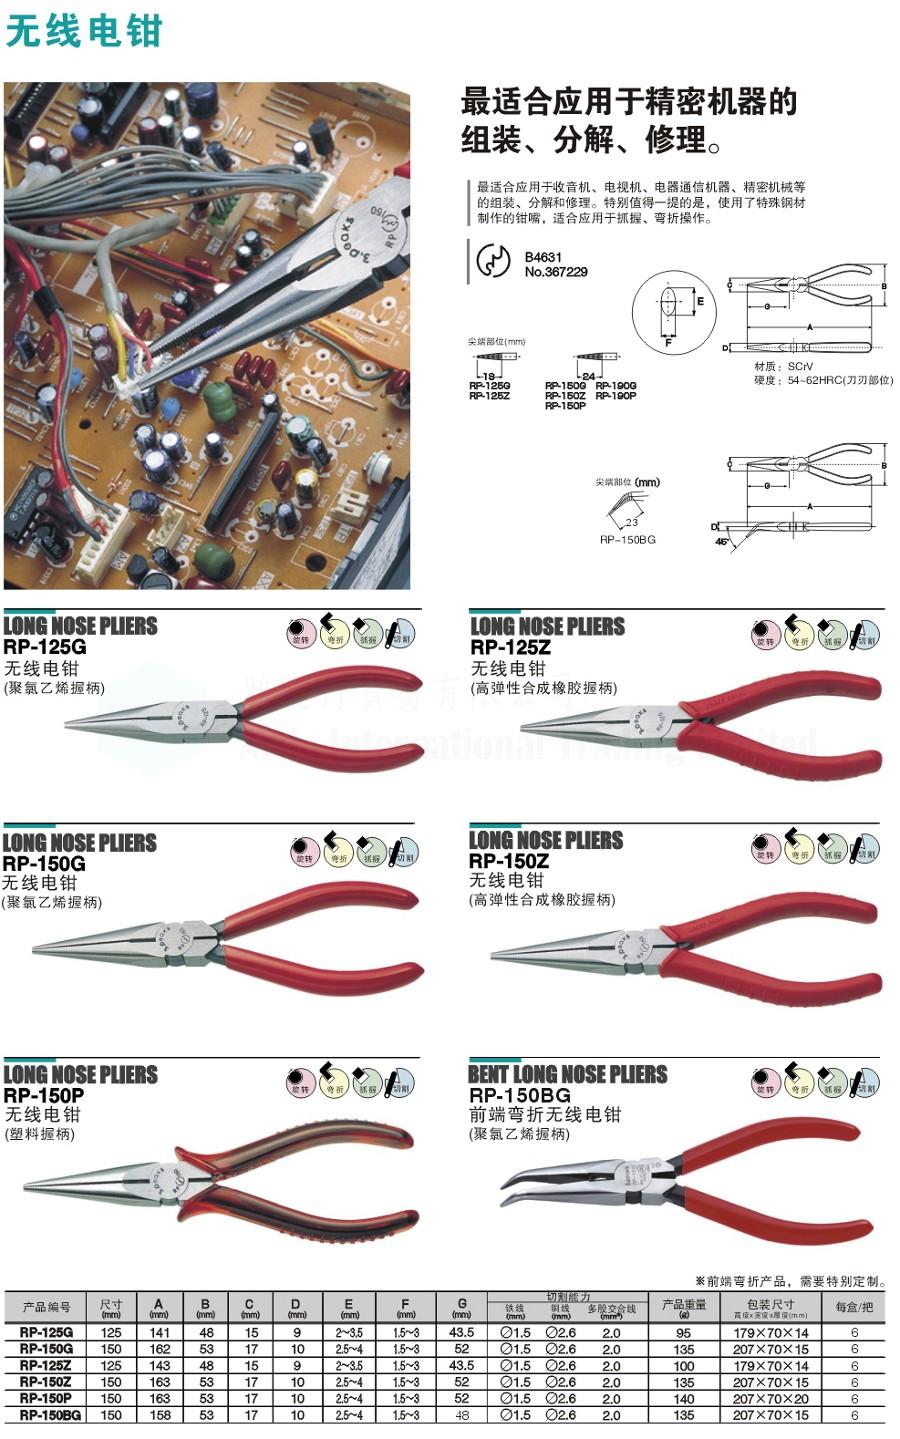 尖咀鉗系列 - 雅廸行貿易有限公司 Artic International Trading Limited 雅廸行貿易有限公司